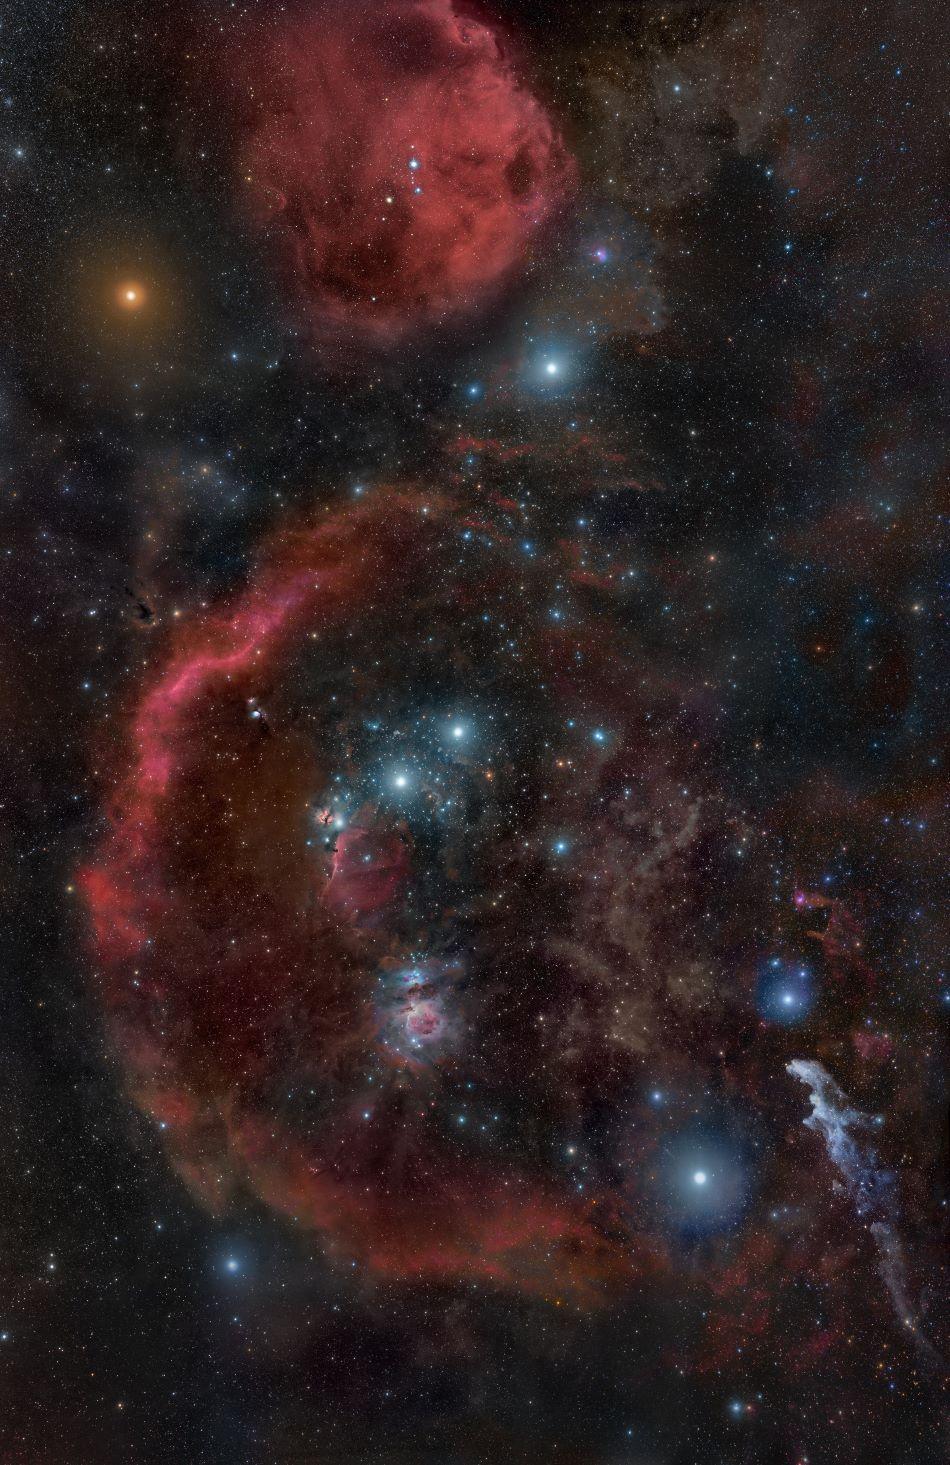 Souhvězdí Orion při pohledu astronomickým dalekohledem odhalí okem neviditelné podrobnosti. Betelgeuze je jasná oranžová hvězda vlevo nahoře, foto Rogelio Bernal Andreo [CC BY-SA 3.0 (https://creativecommons.org/licenses/by-sa/3.0)].